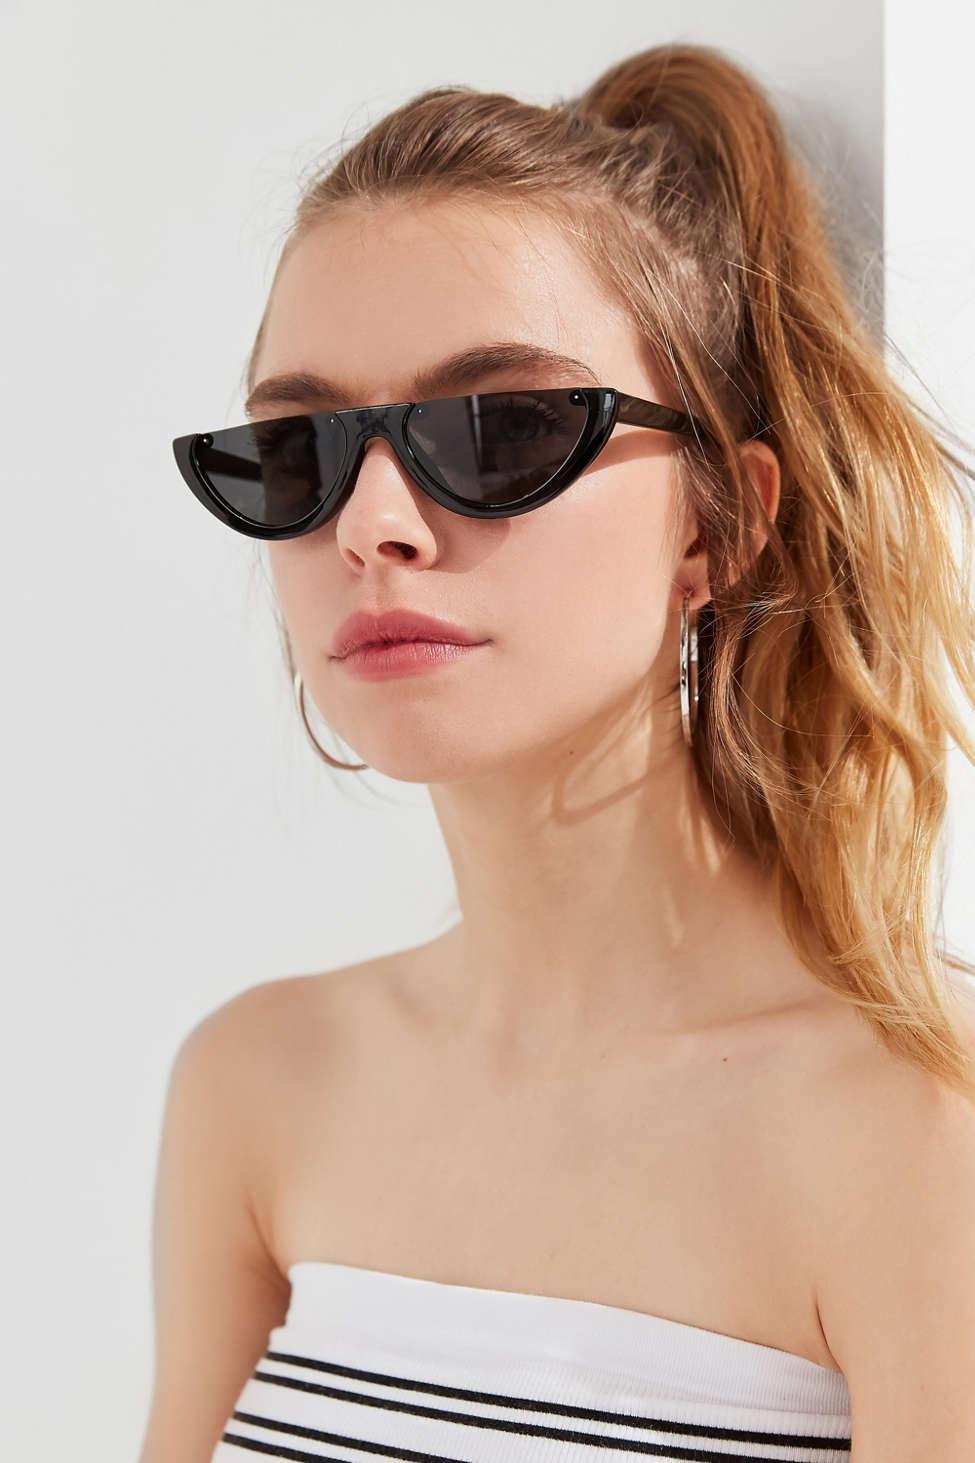 e06f424885eb4 Lyst - Urban Outfitters Half Moon Slim Sunglasses in Black